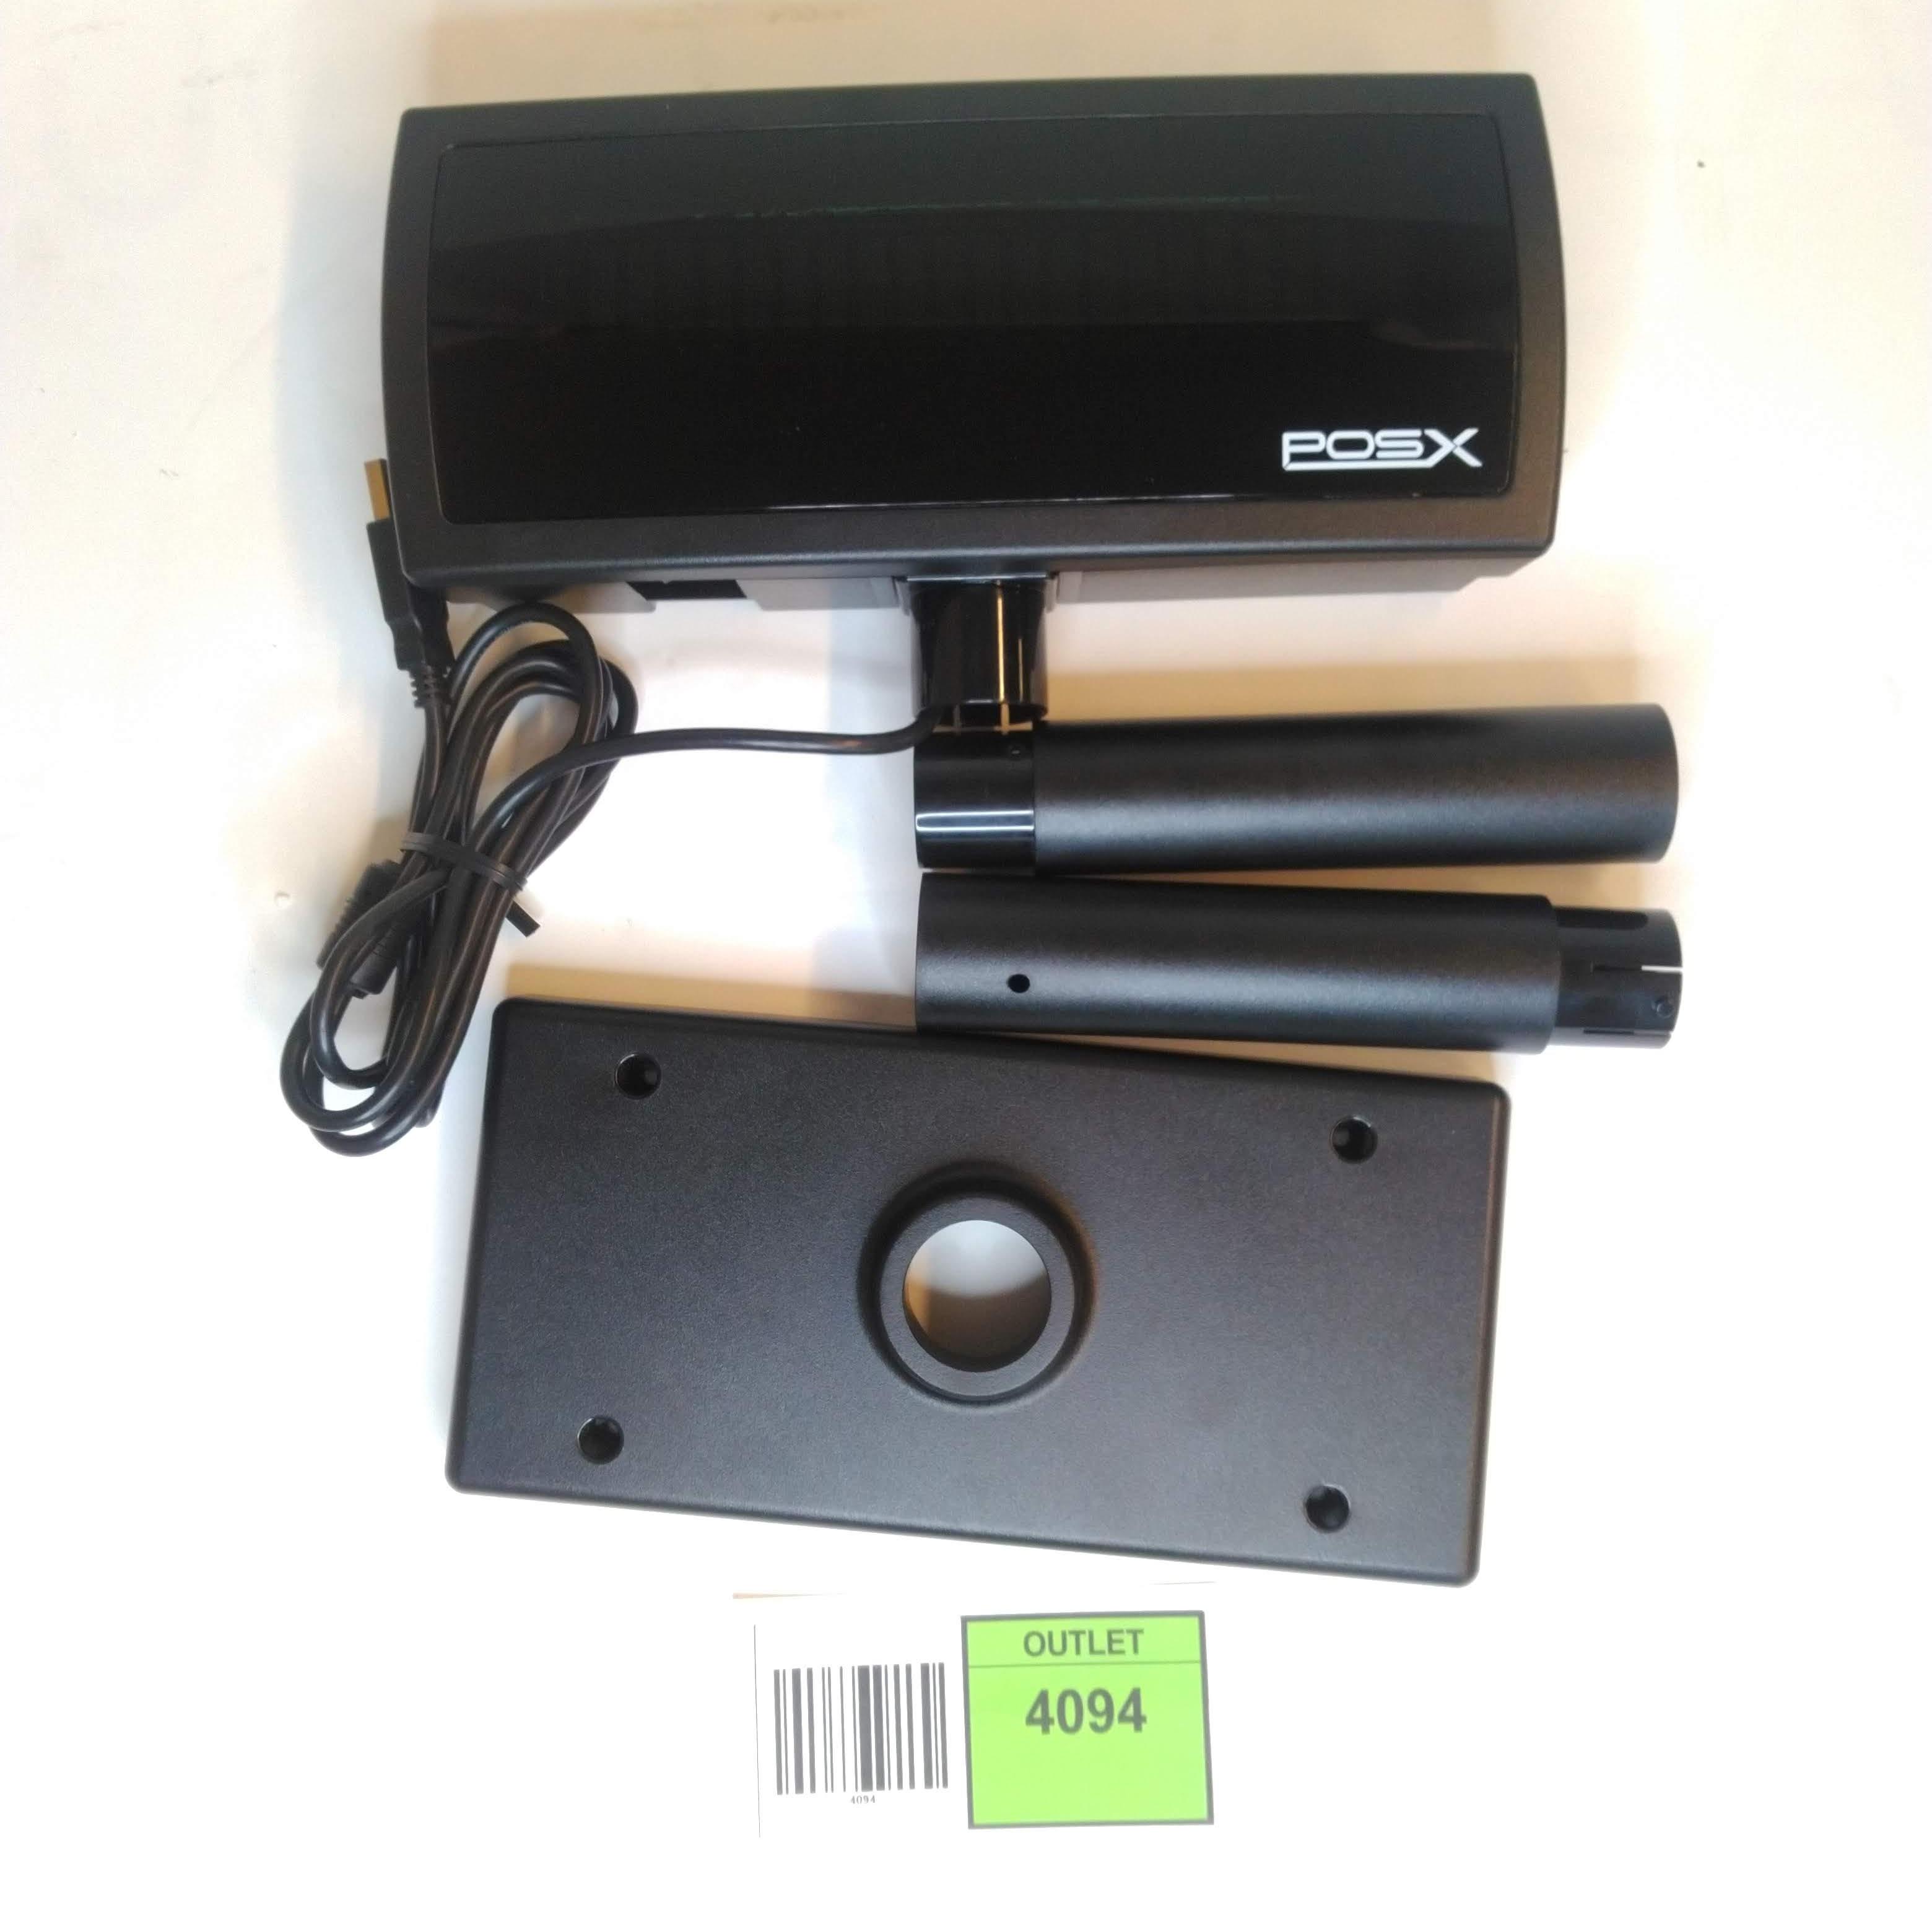 POS-X XP8200 Pole Display 932AD022400133 Image 2